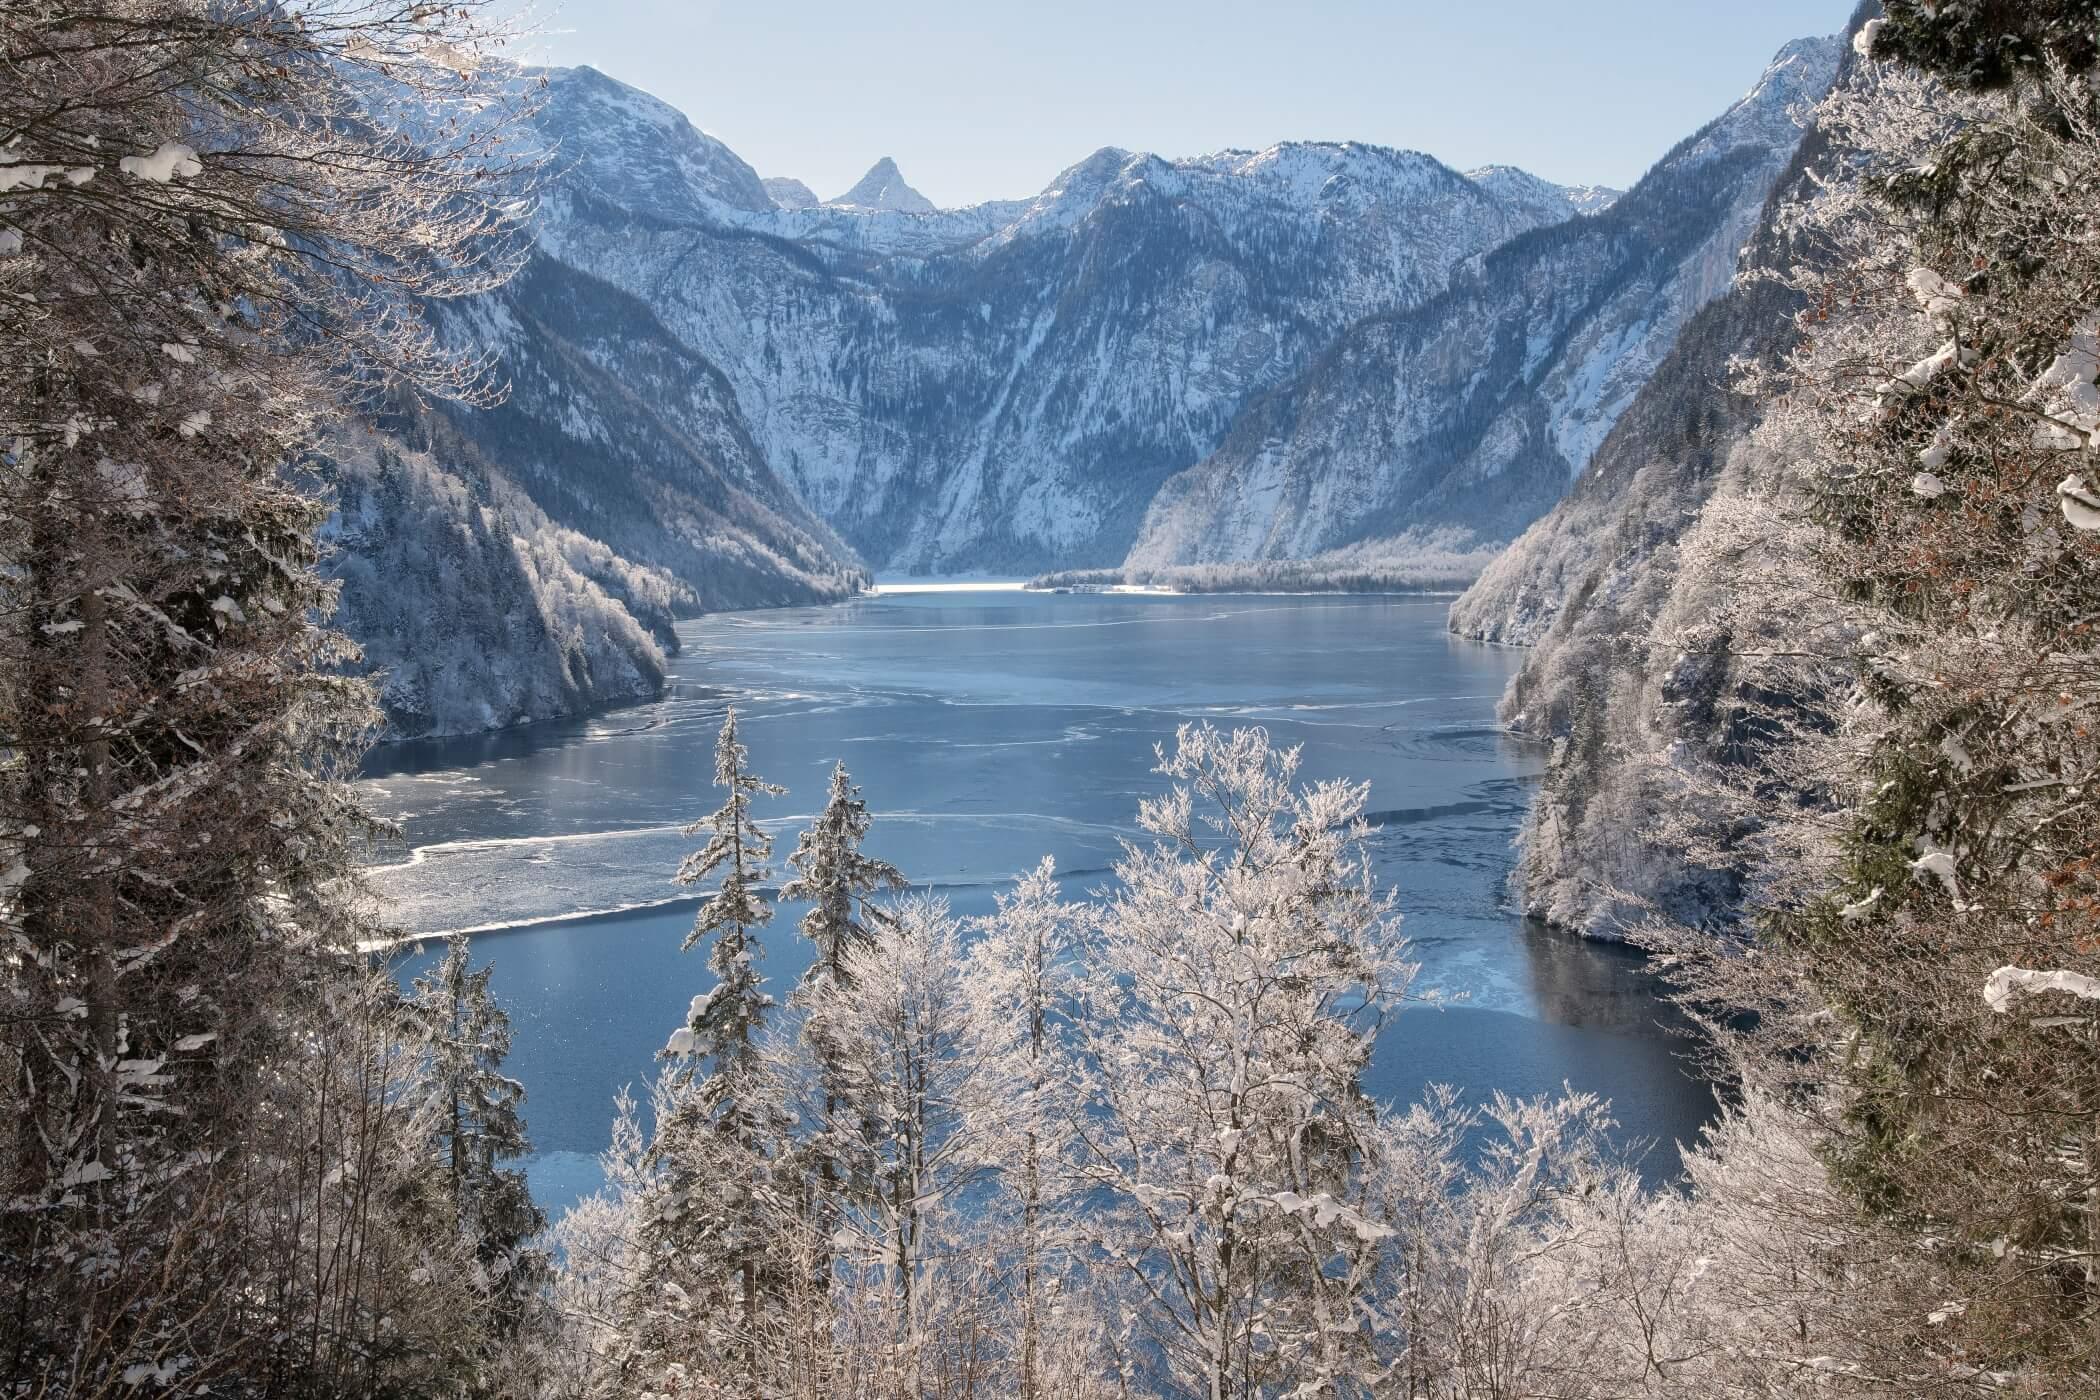 Ausblick auf den verschneiten Königssee vom Malerwinkel aus